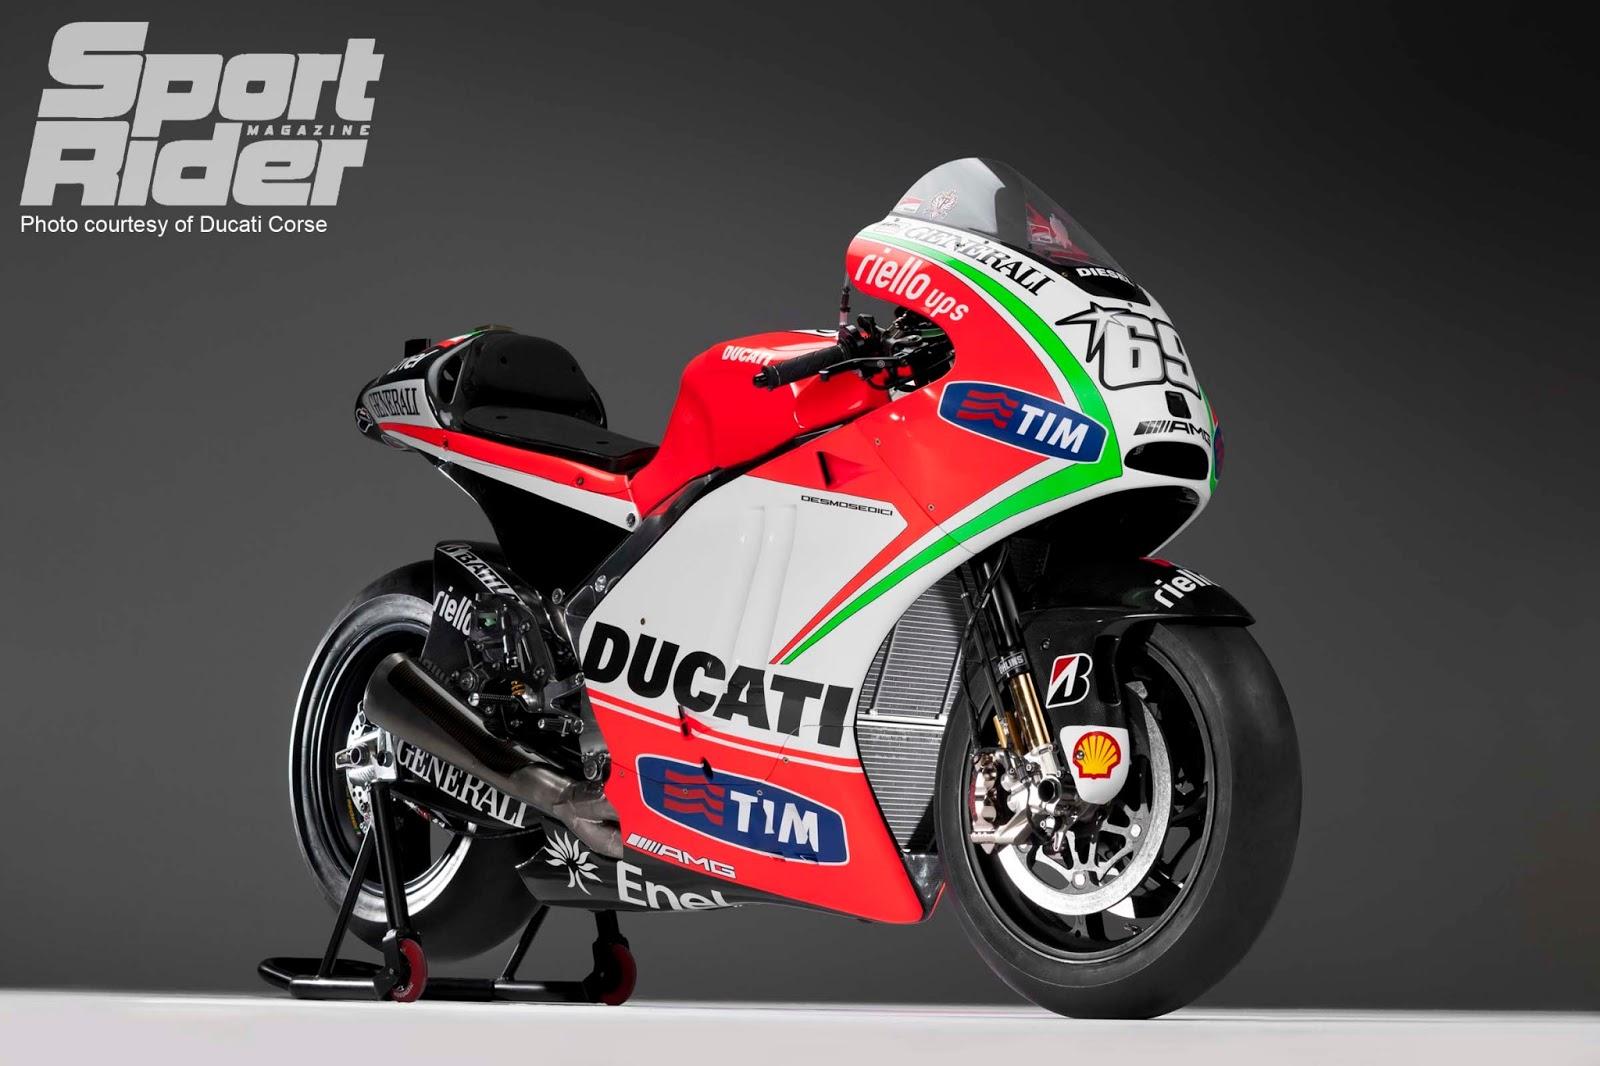 Motogp 2013 Hd Wallpaper: Wallpapers Hd For Mac: Valentino Rossi Ducati MotoGp